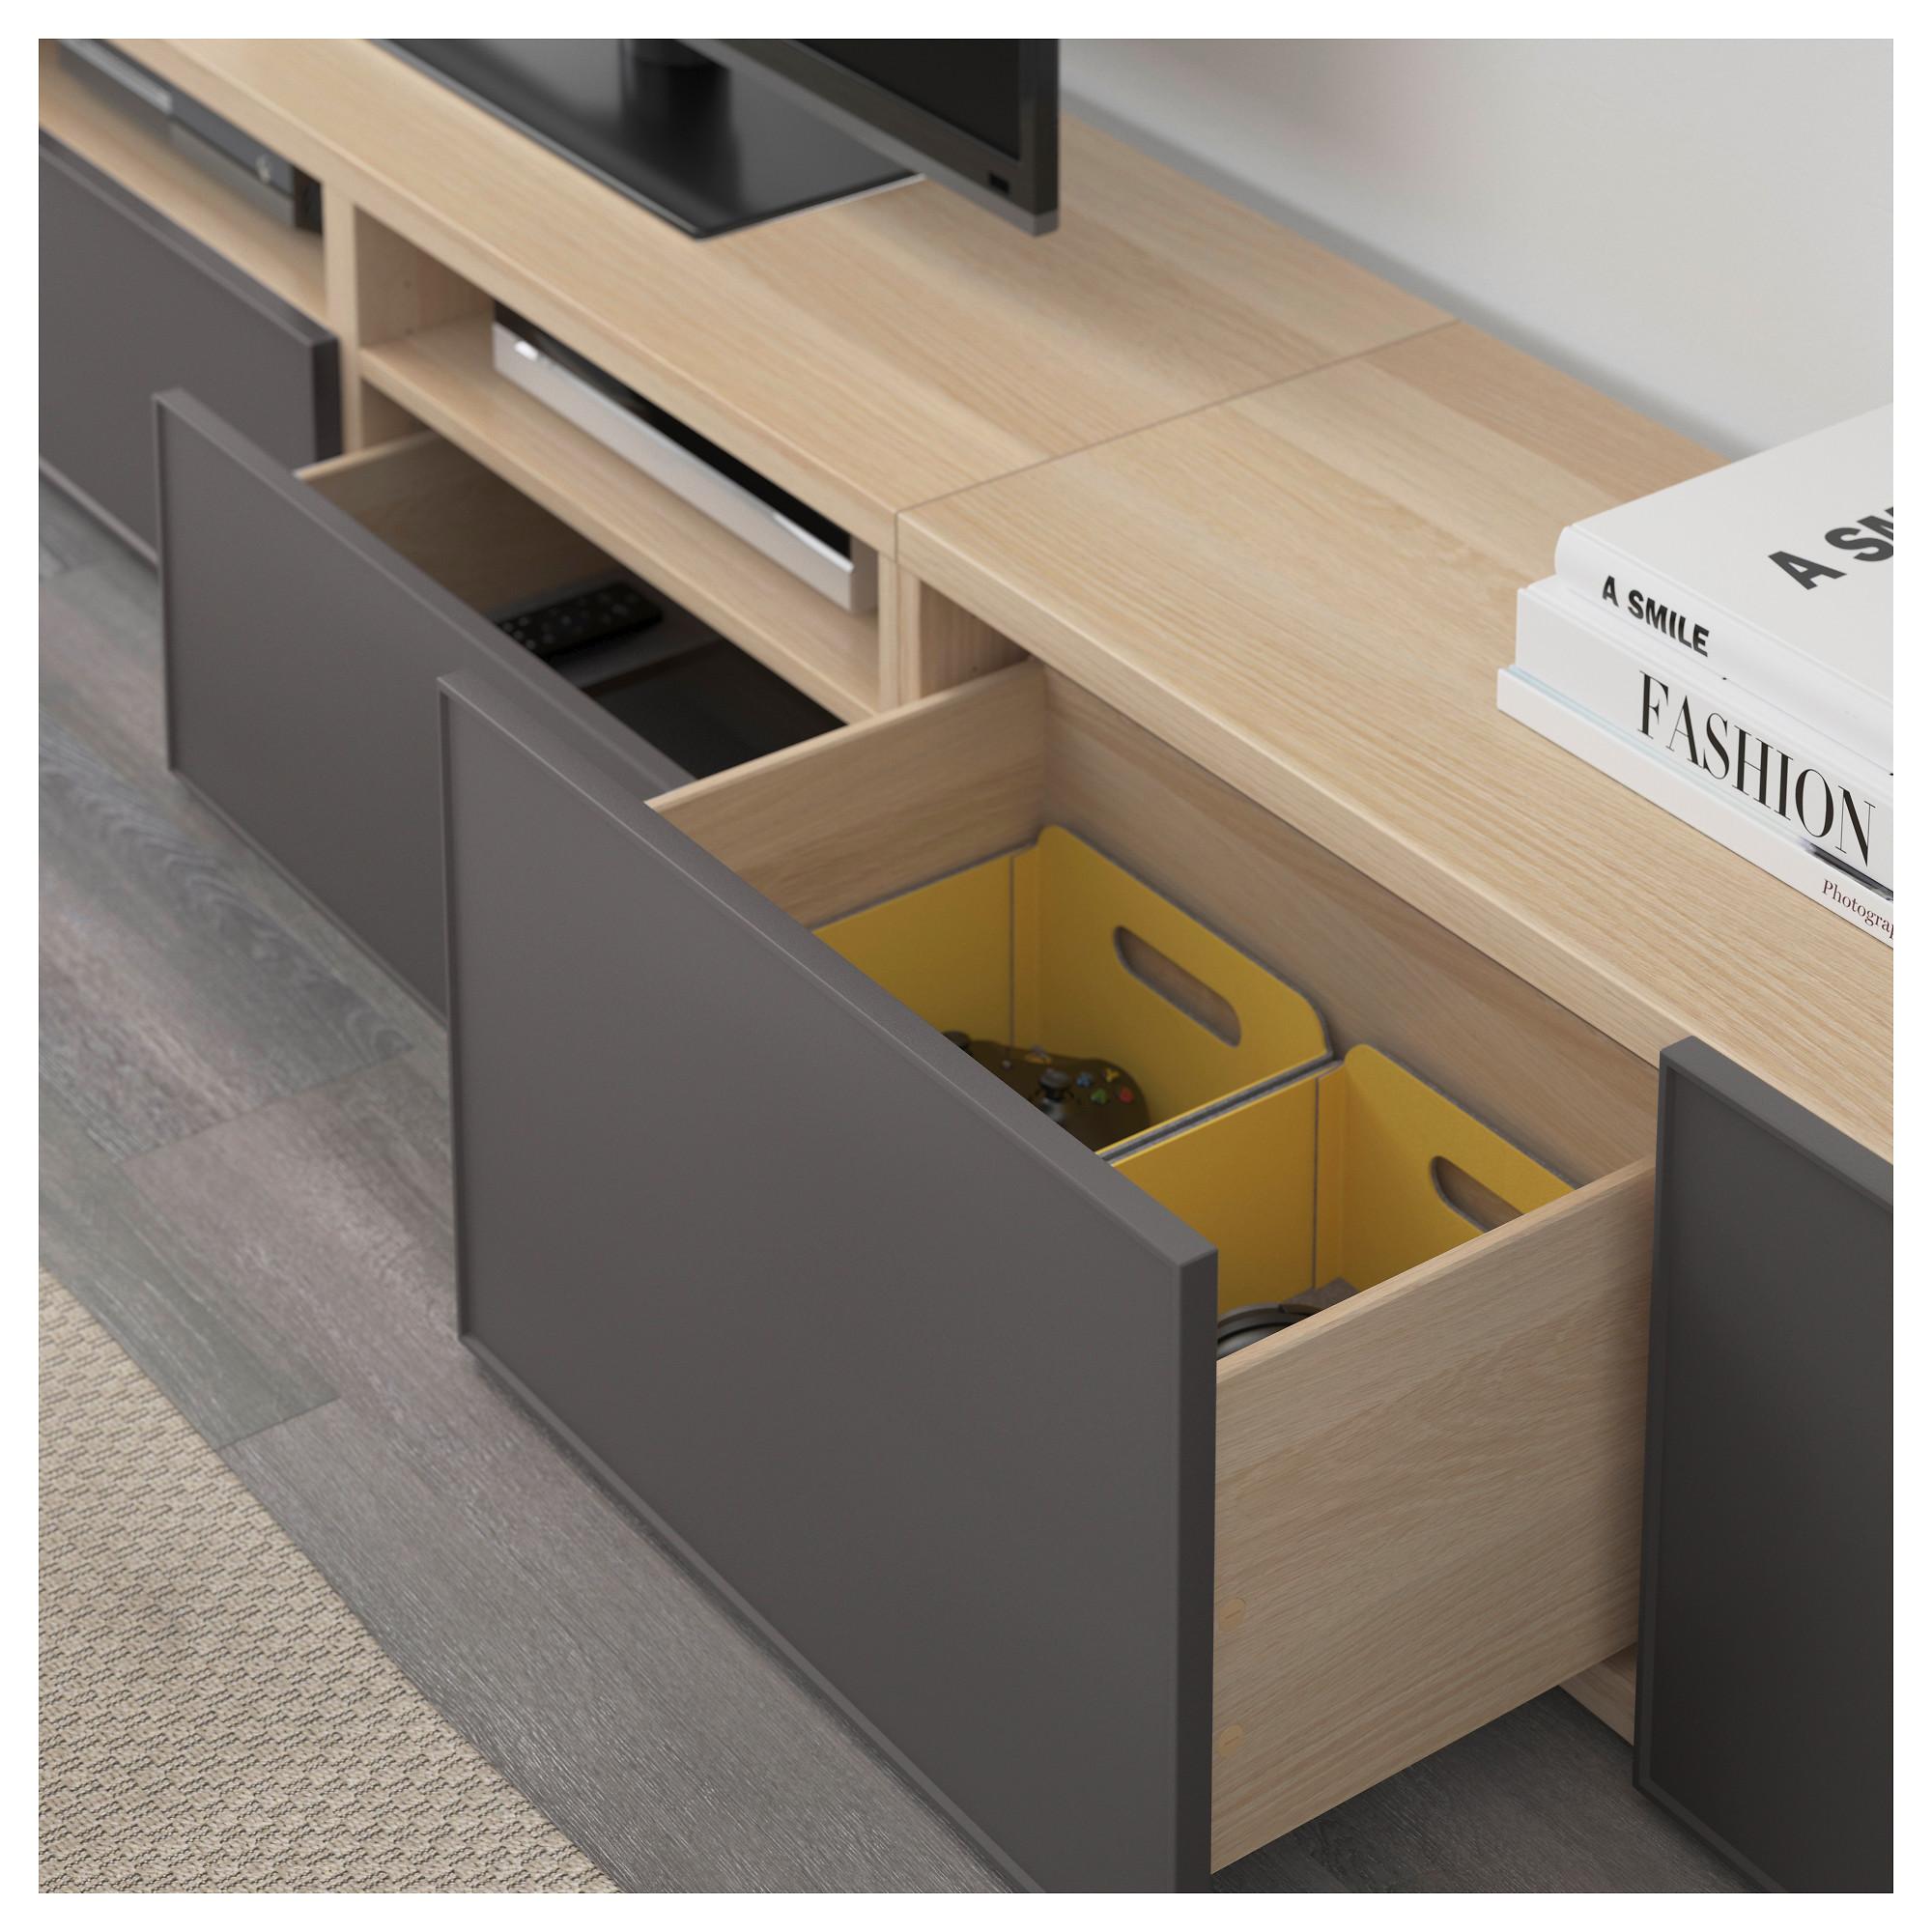 Шкаф для ТВ, комбинация БЕСТО темно-серый артикуль № 092.515.98 в наличии. Online каталог IKEA Минск. Быстрая доставка и монтаж.